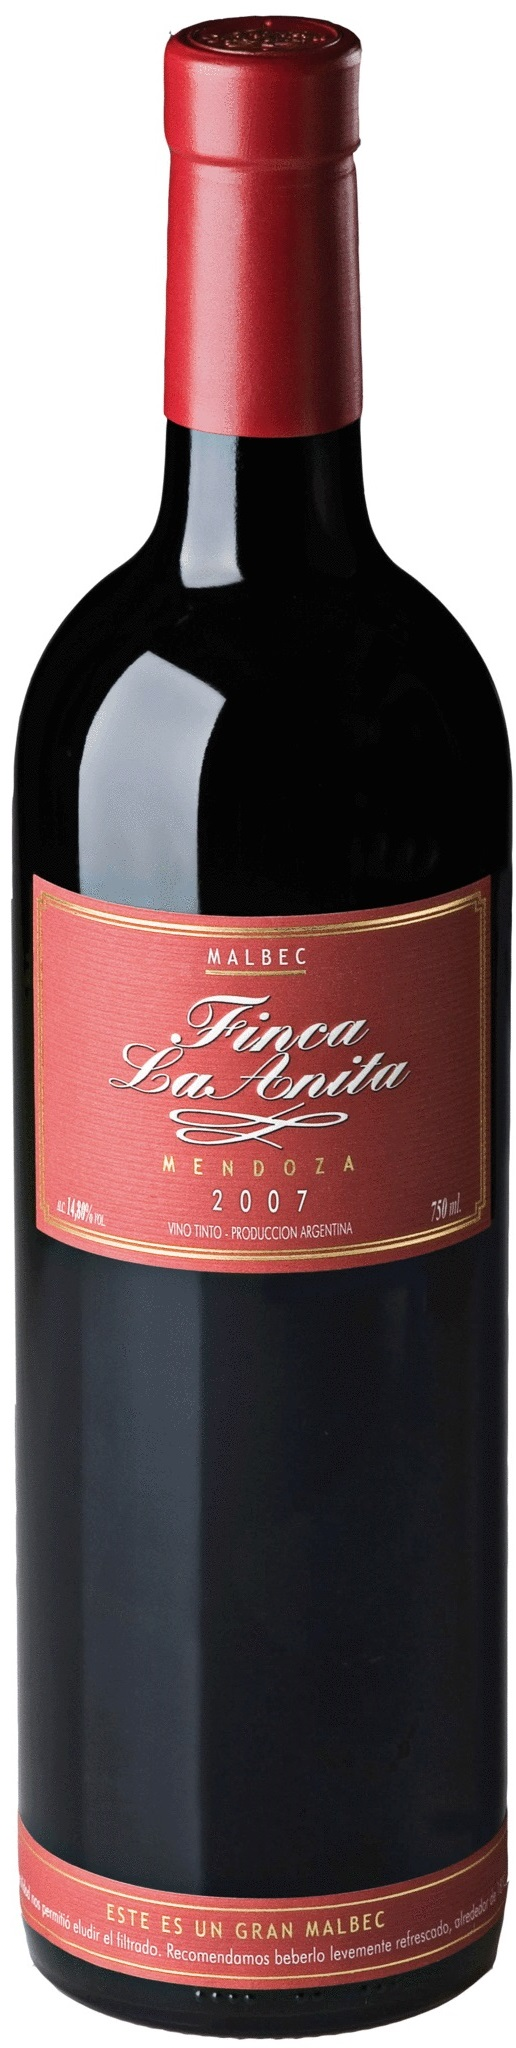 Finca La Anita Malbec 2014 Bodega Finca La Anita Lujan De Cuyo Mendoza Terroir Alto Agrelo Wine Drinks Wine Tasting Malbec Wine